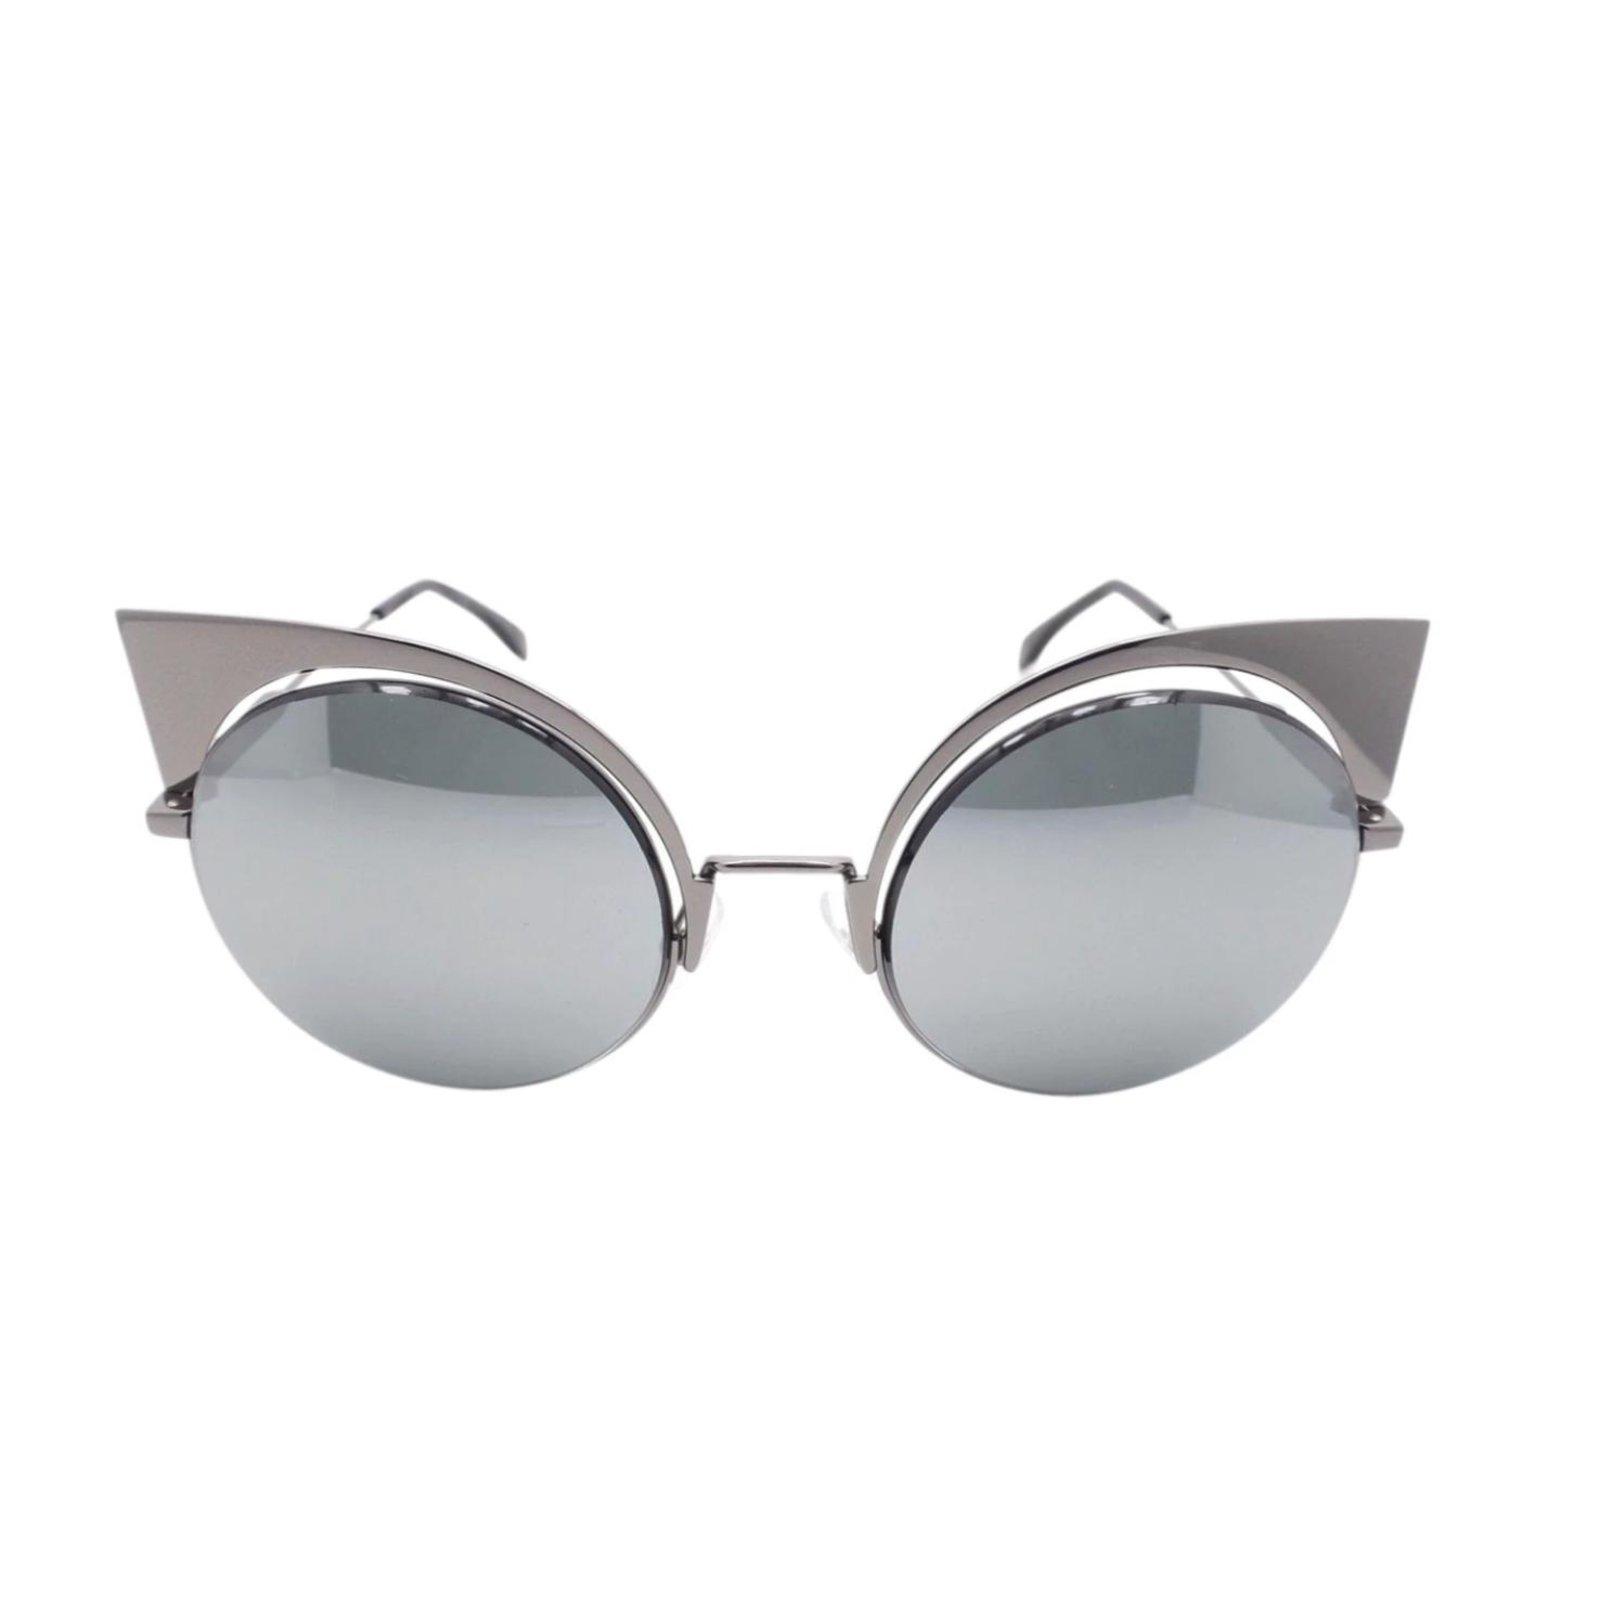 Ruthenium Sunglasses